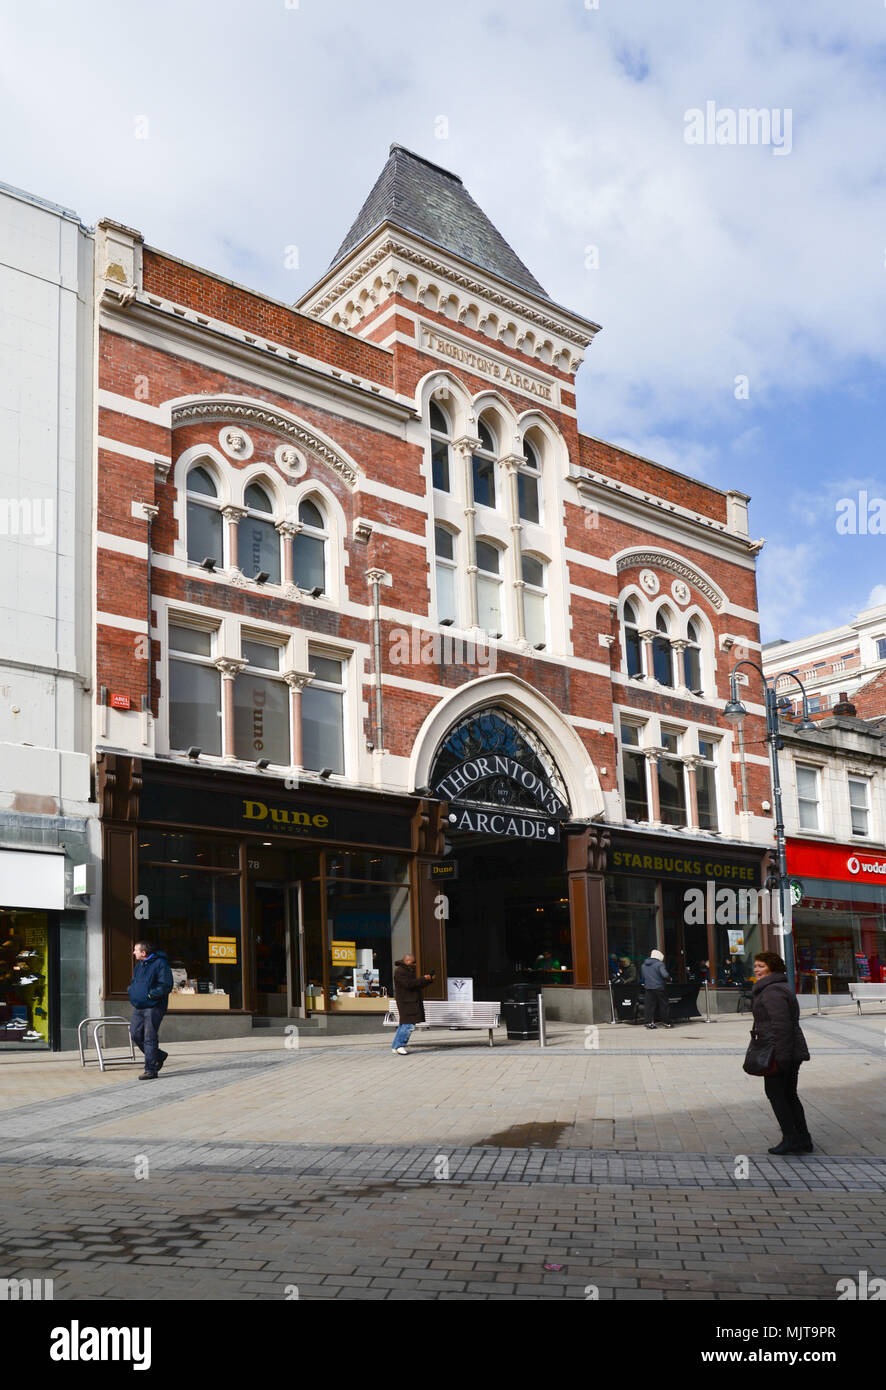 Thornton's arcade, Leeds - Stock Image